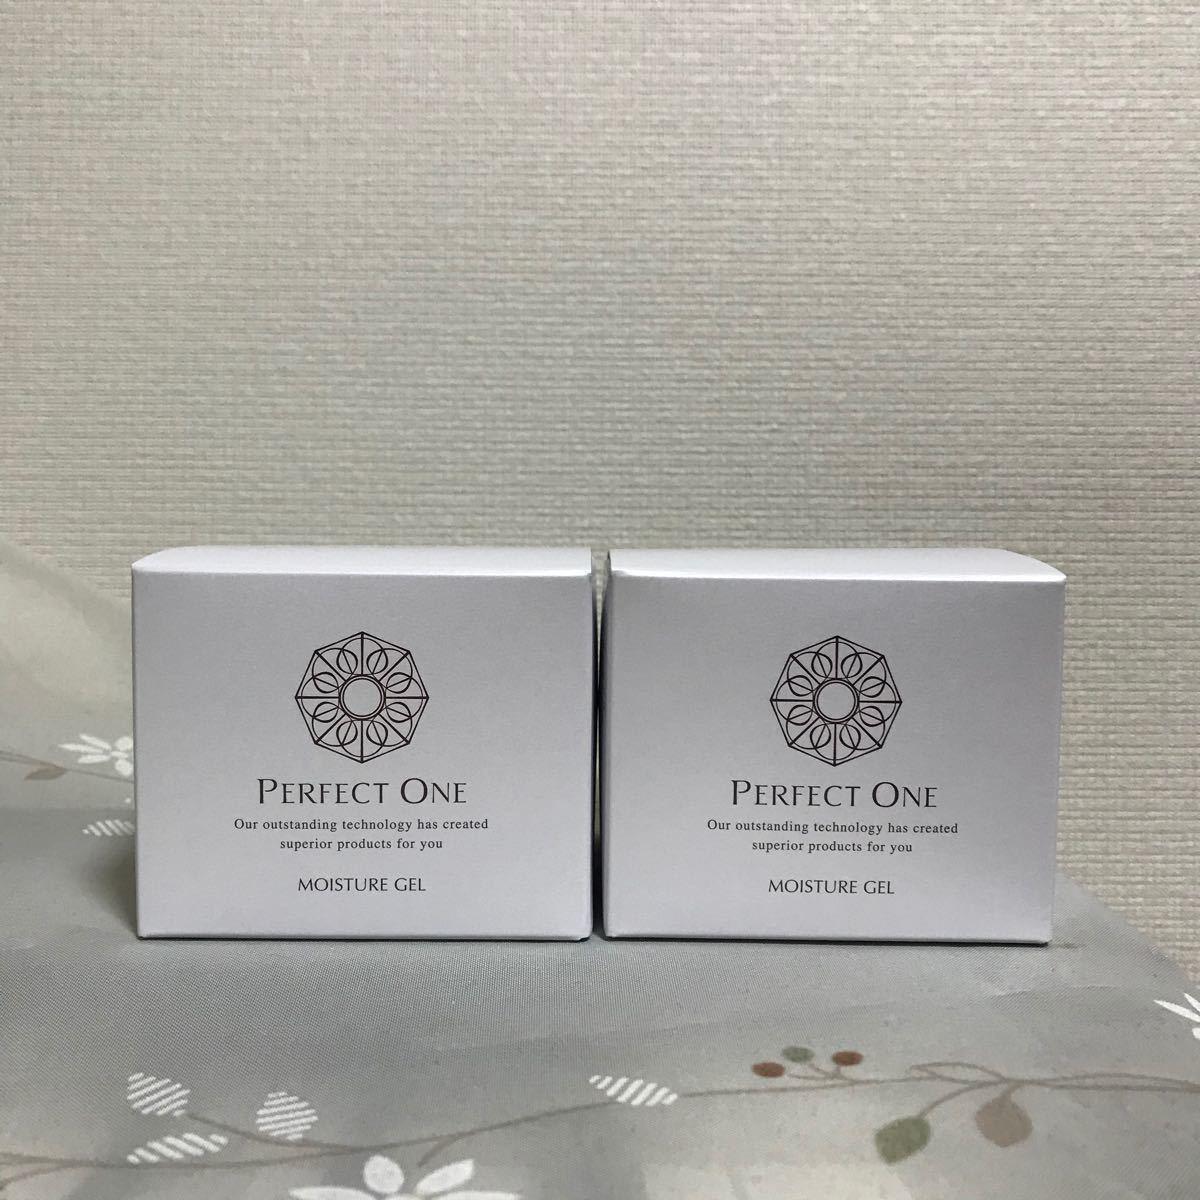 新日本製薬 パーフェクトワン モイスチャージェル 2個セット